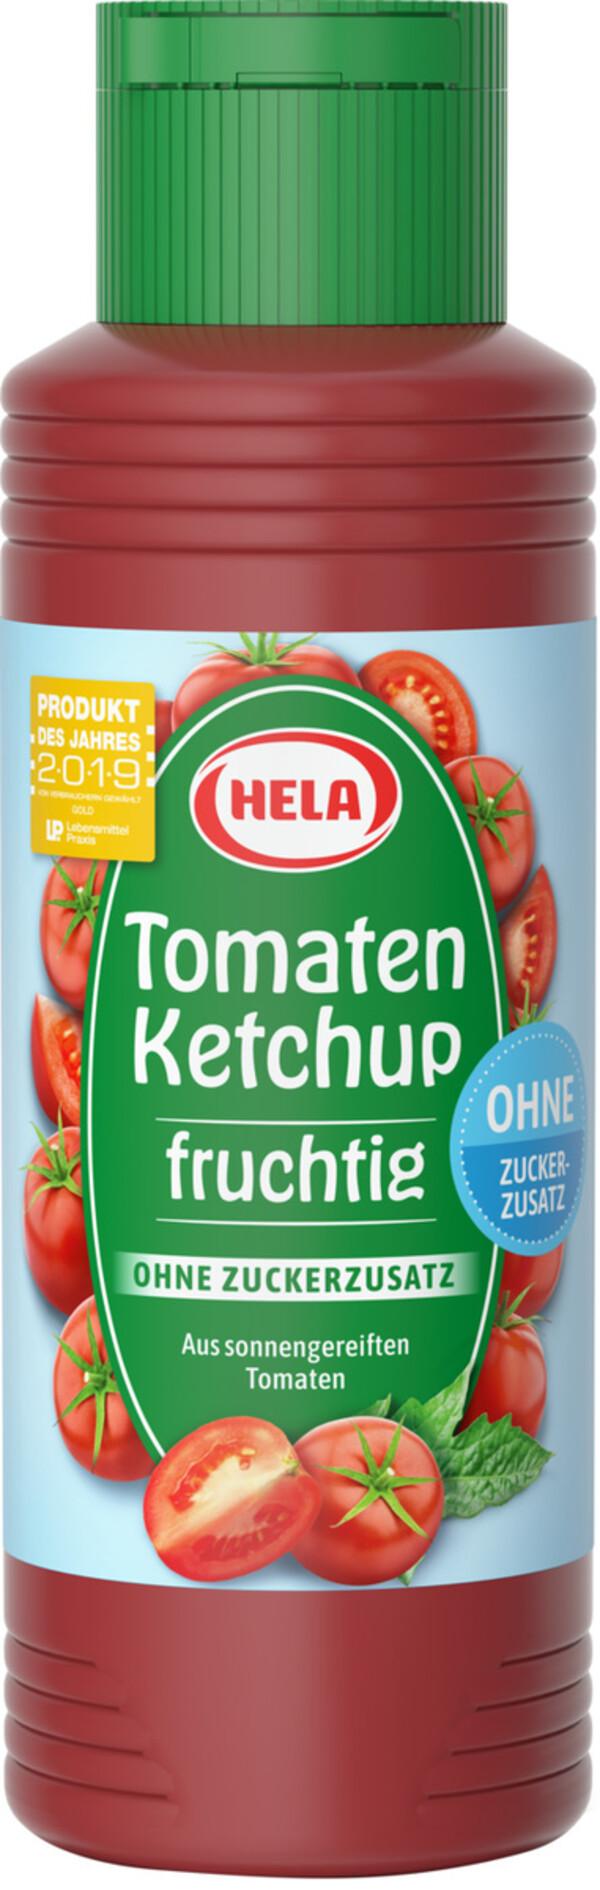 Hela Tomaten Ketchup ohne Zuckerzusatz 300 ml